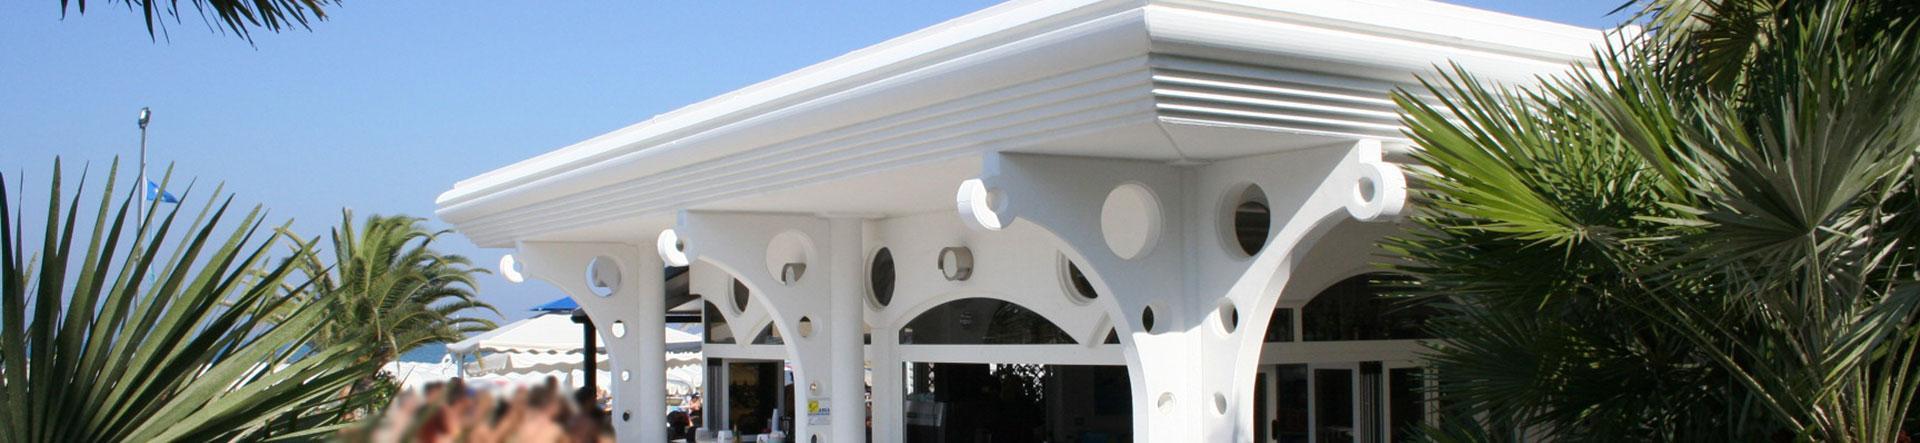 Realizzazione prefabbricati in cemento - Ascoli Piceno - Fermo ...